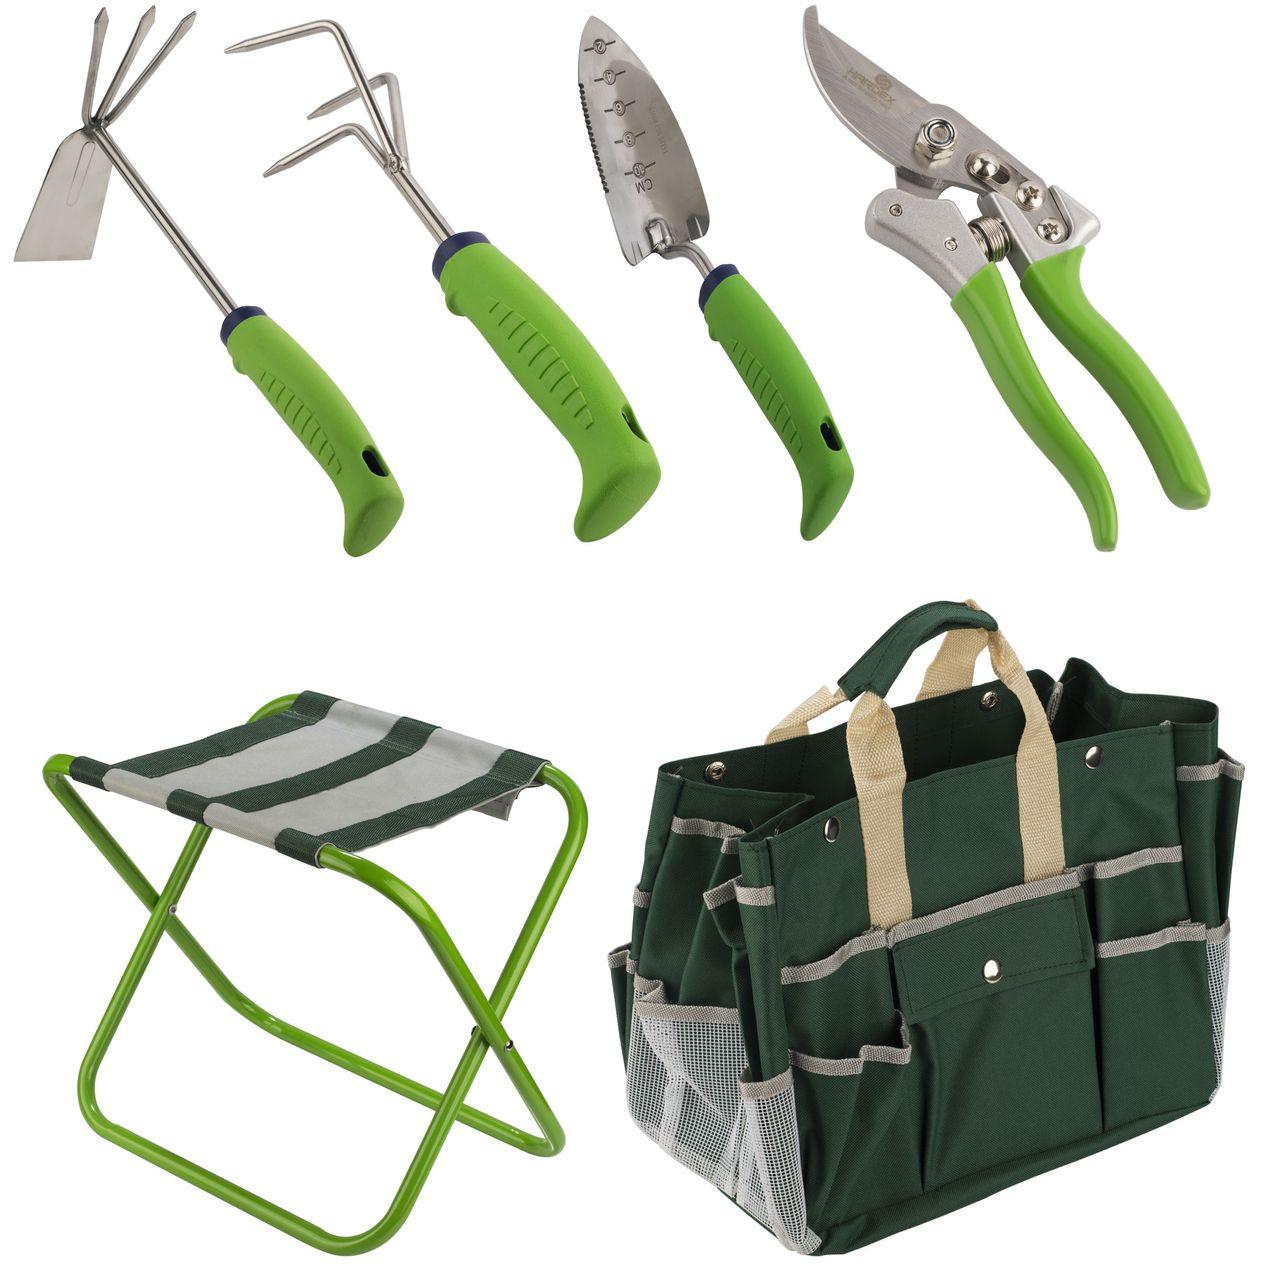 مجموعه 6 عددی ابزار باغبانی هاردکس مدل GS02